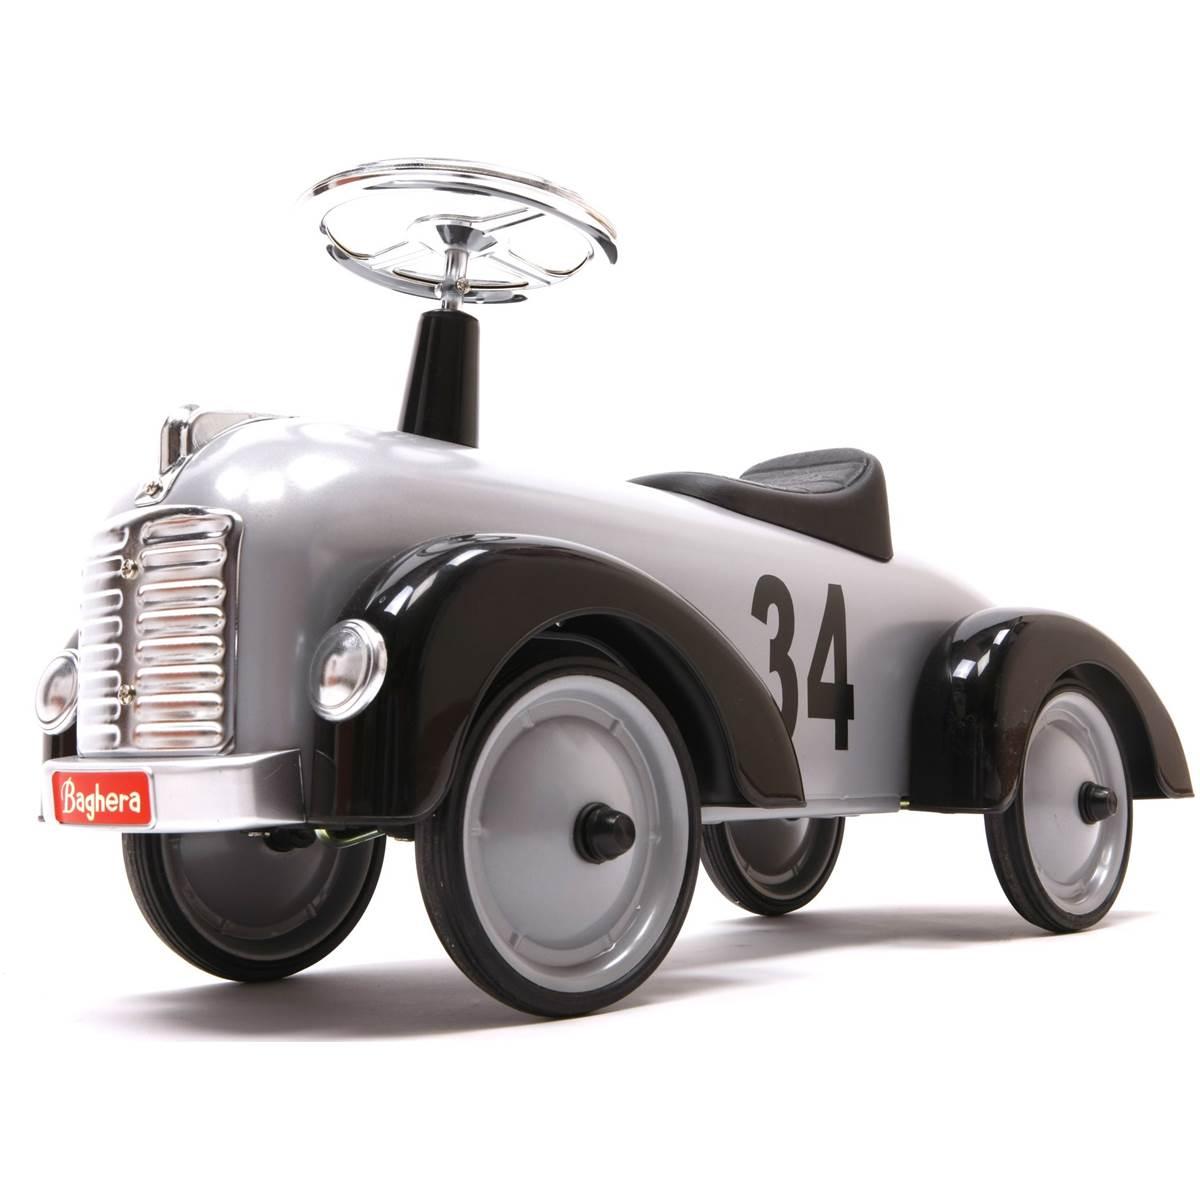 Porteur Speedster Silver Baghera